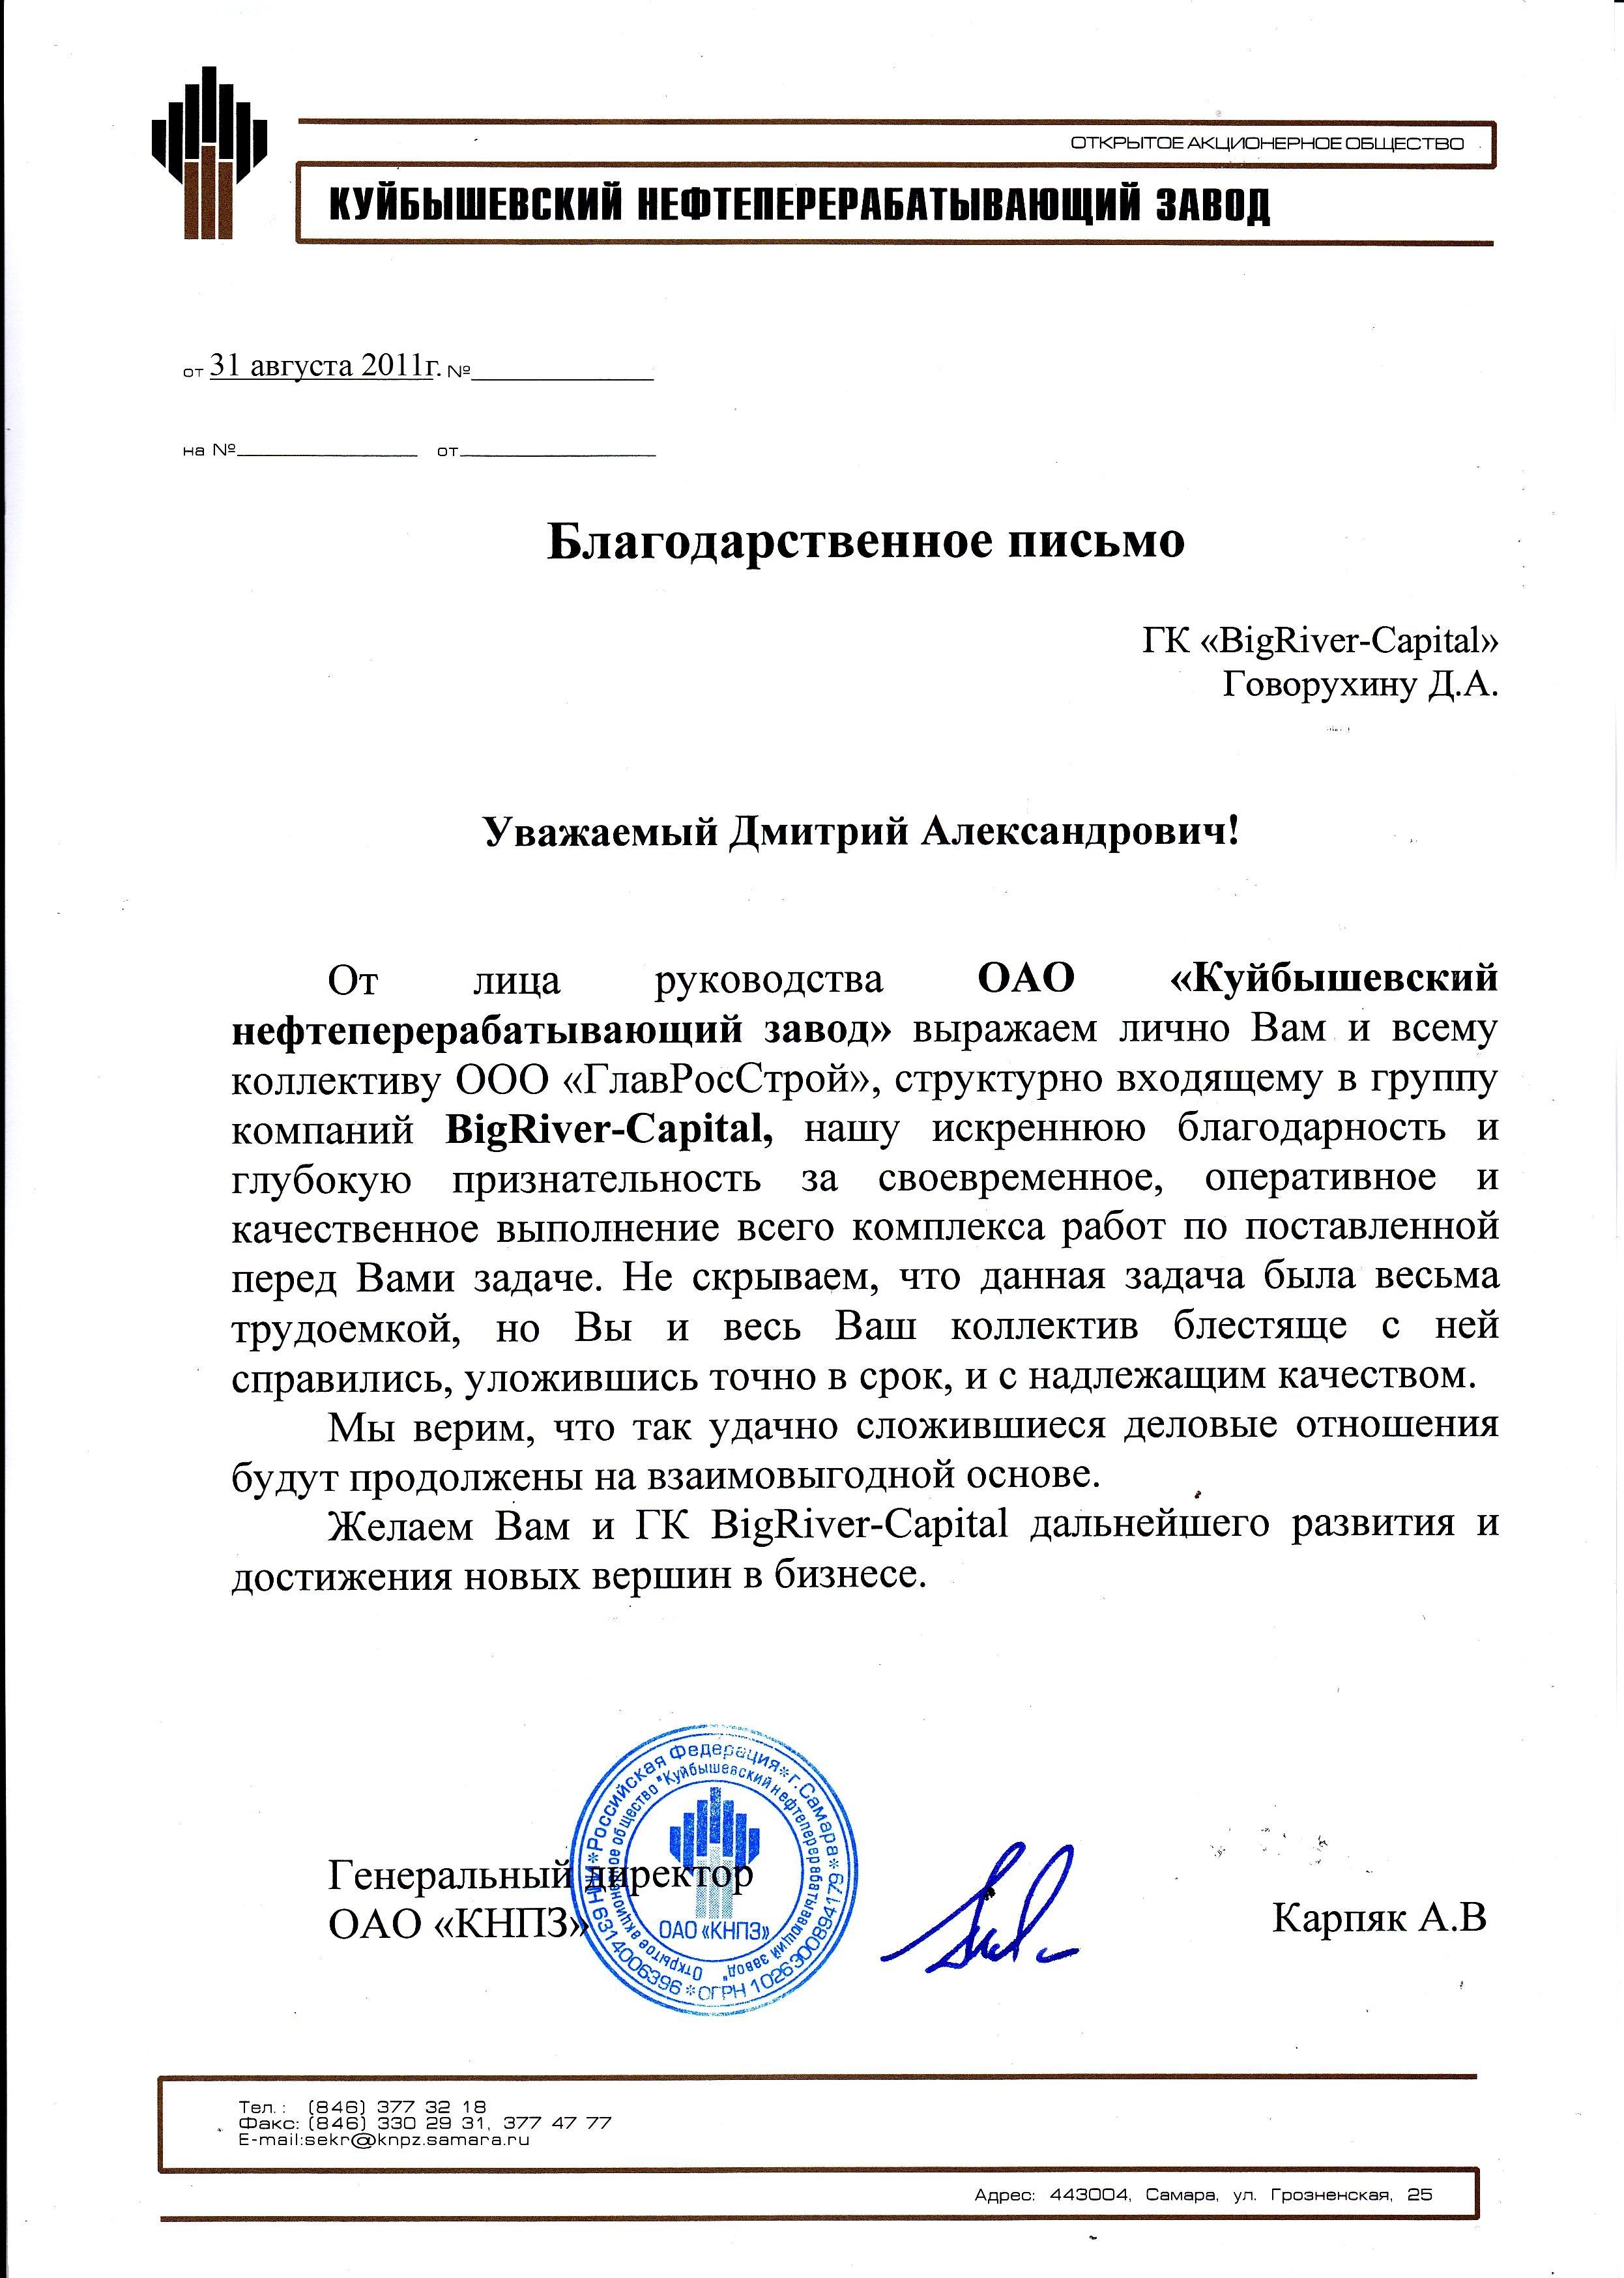 ГРС КНПЗ